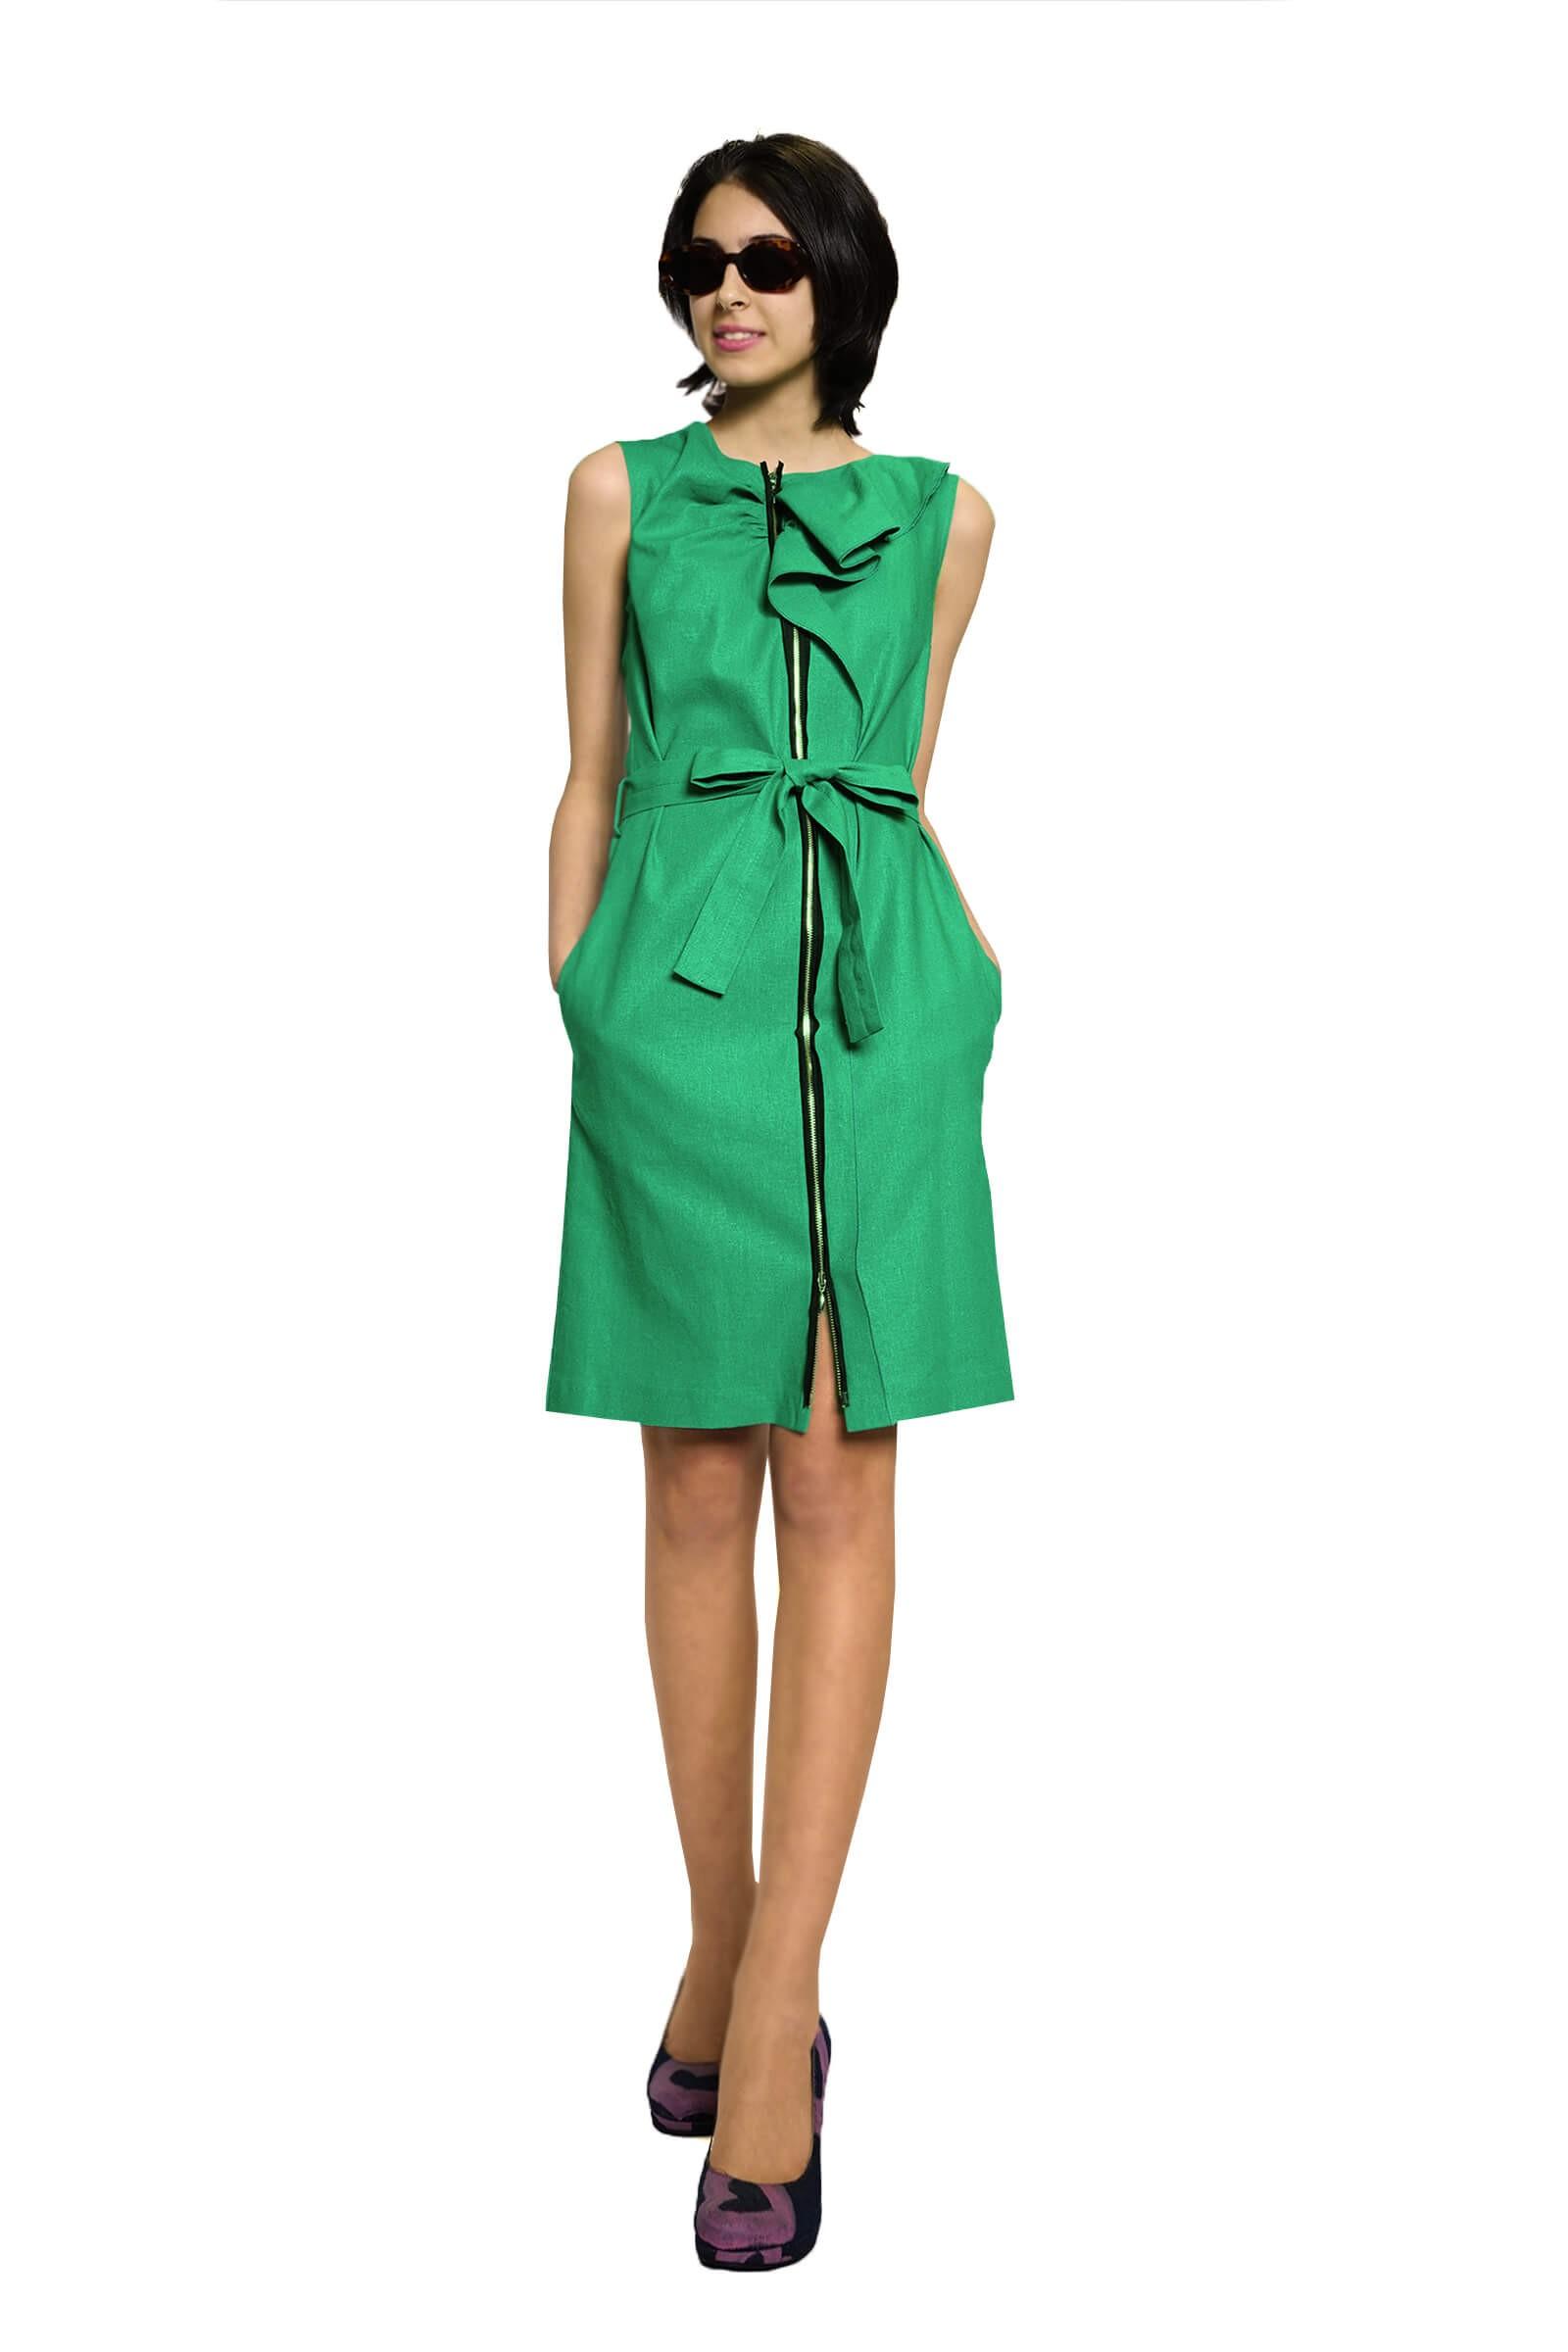 Green linen dress with ruffles